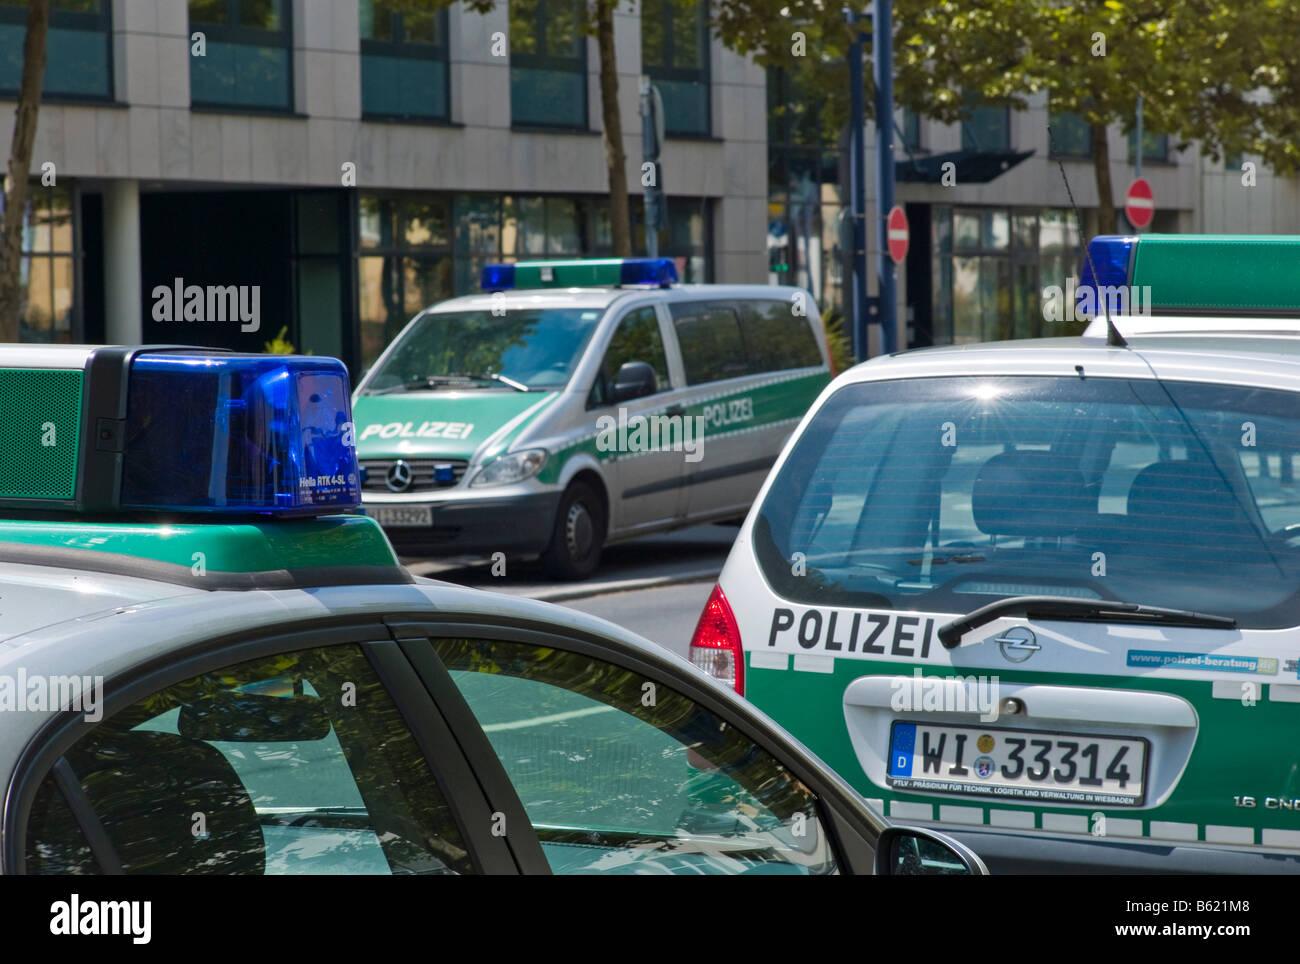 Polizei Autos, Deutschland, Europa Stockbild